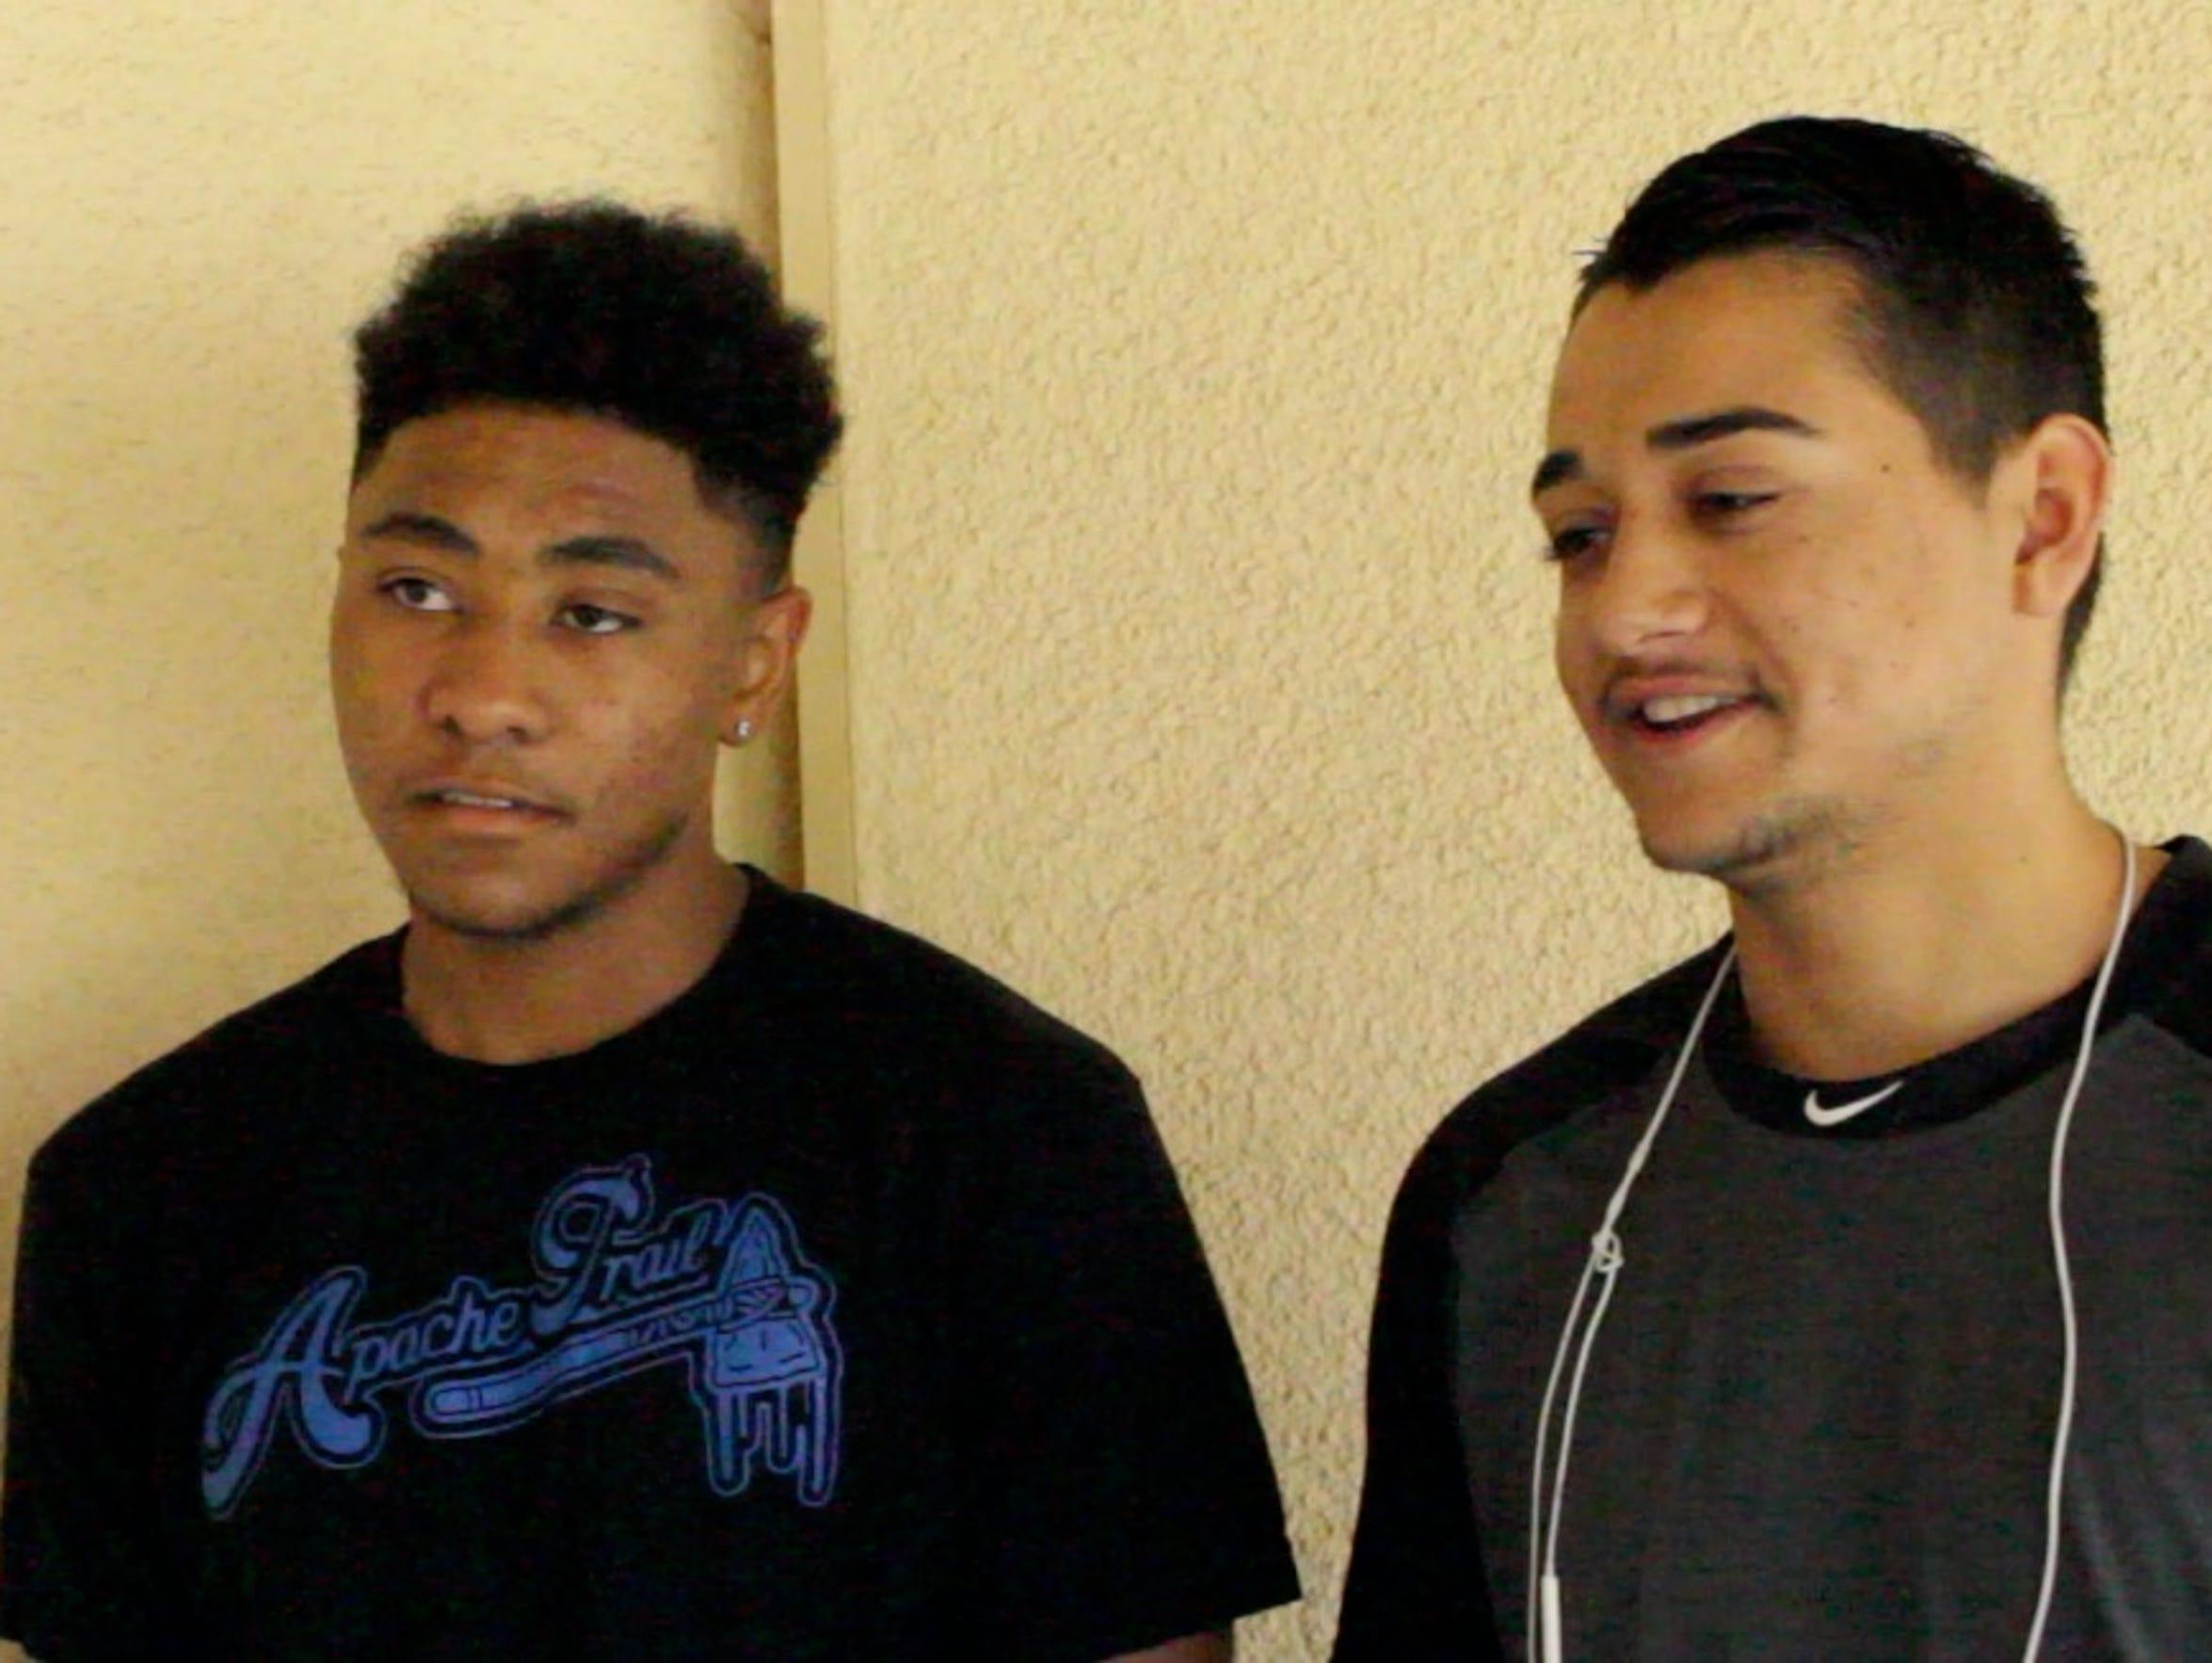 Rashad Poole, left, and Joe Gonzales said they were